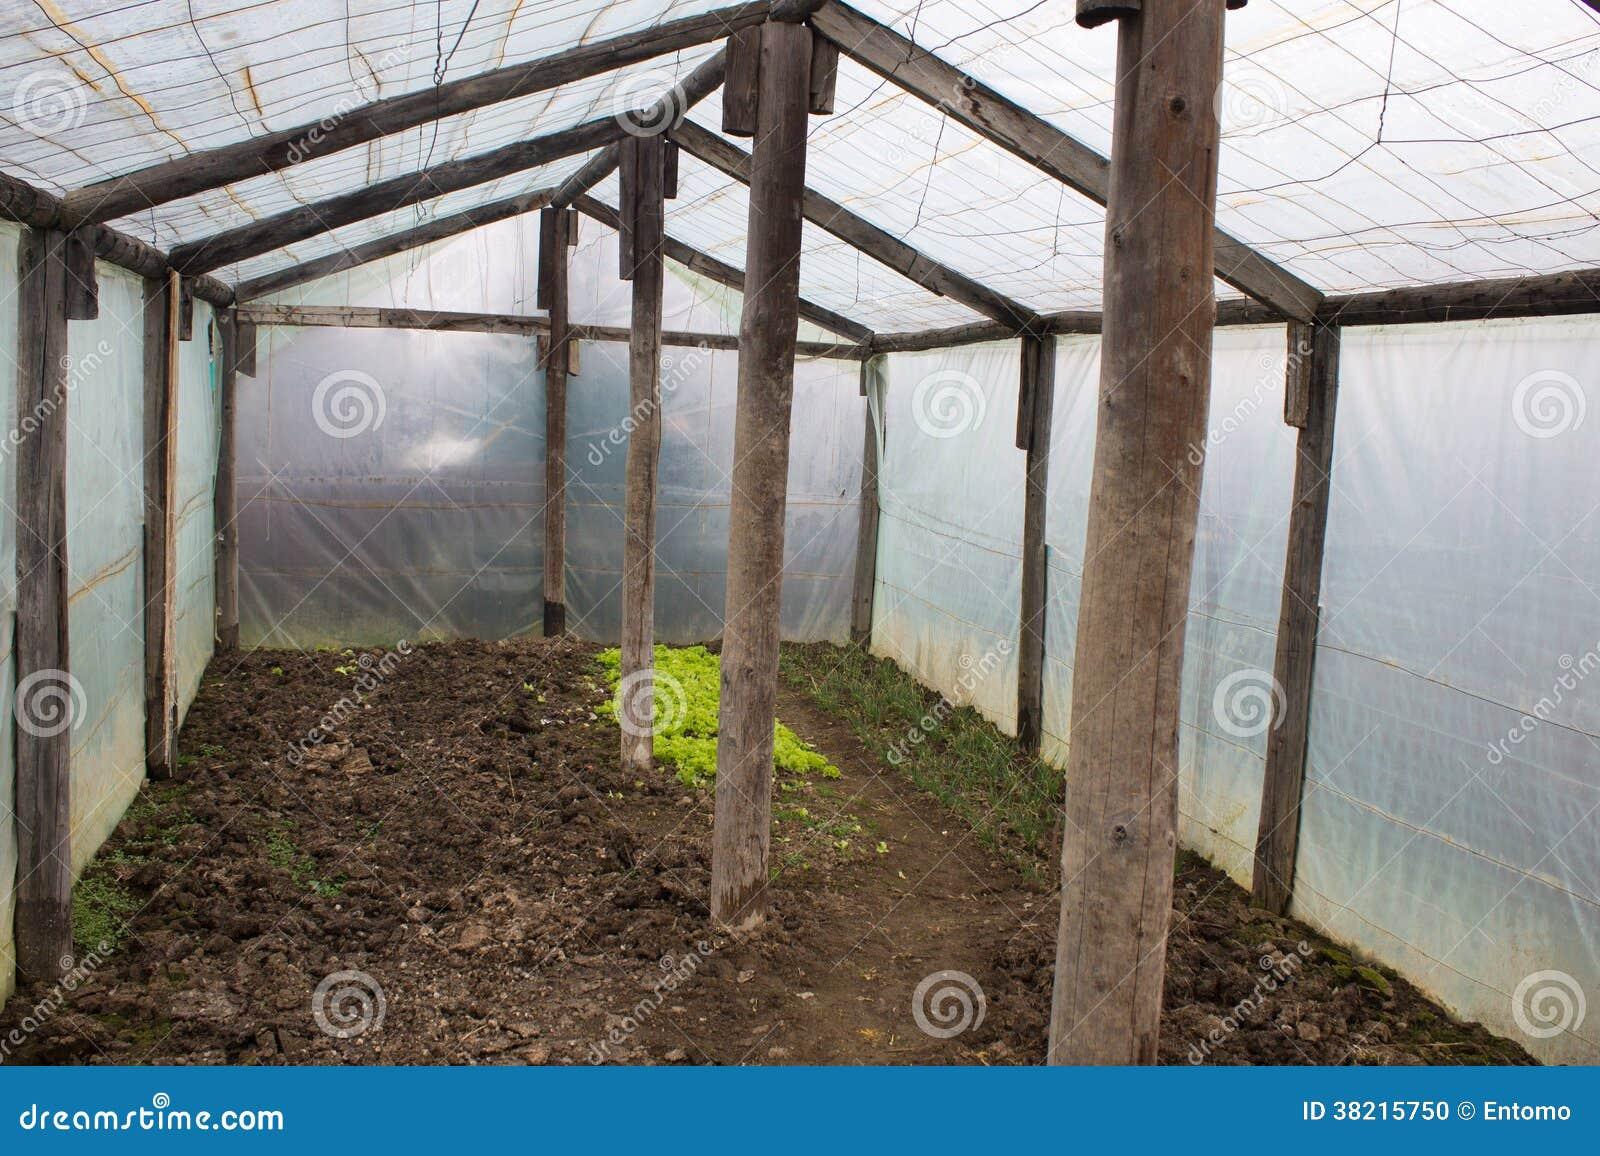 Piccola serra fotografia stock immagine di interno vuoto for Serra agricola usata